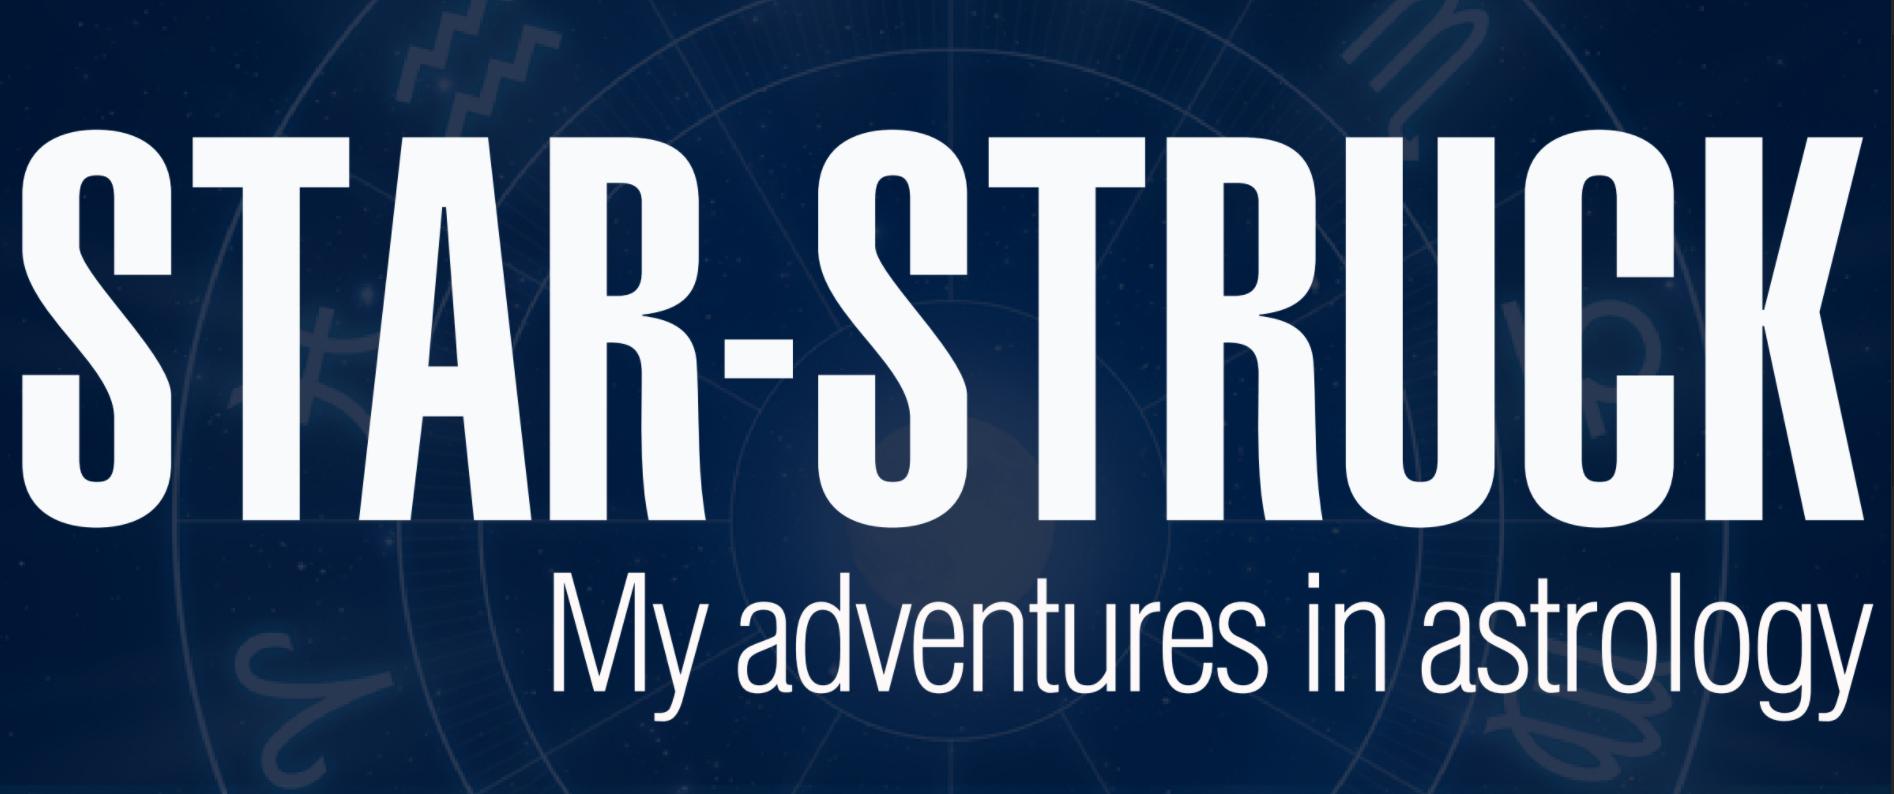 Star-Struck – My Adventures in Astrology